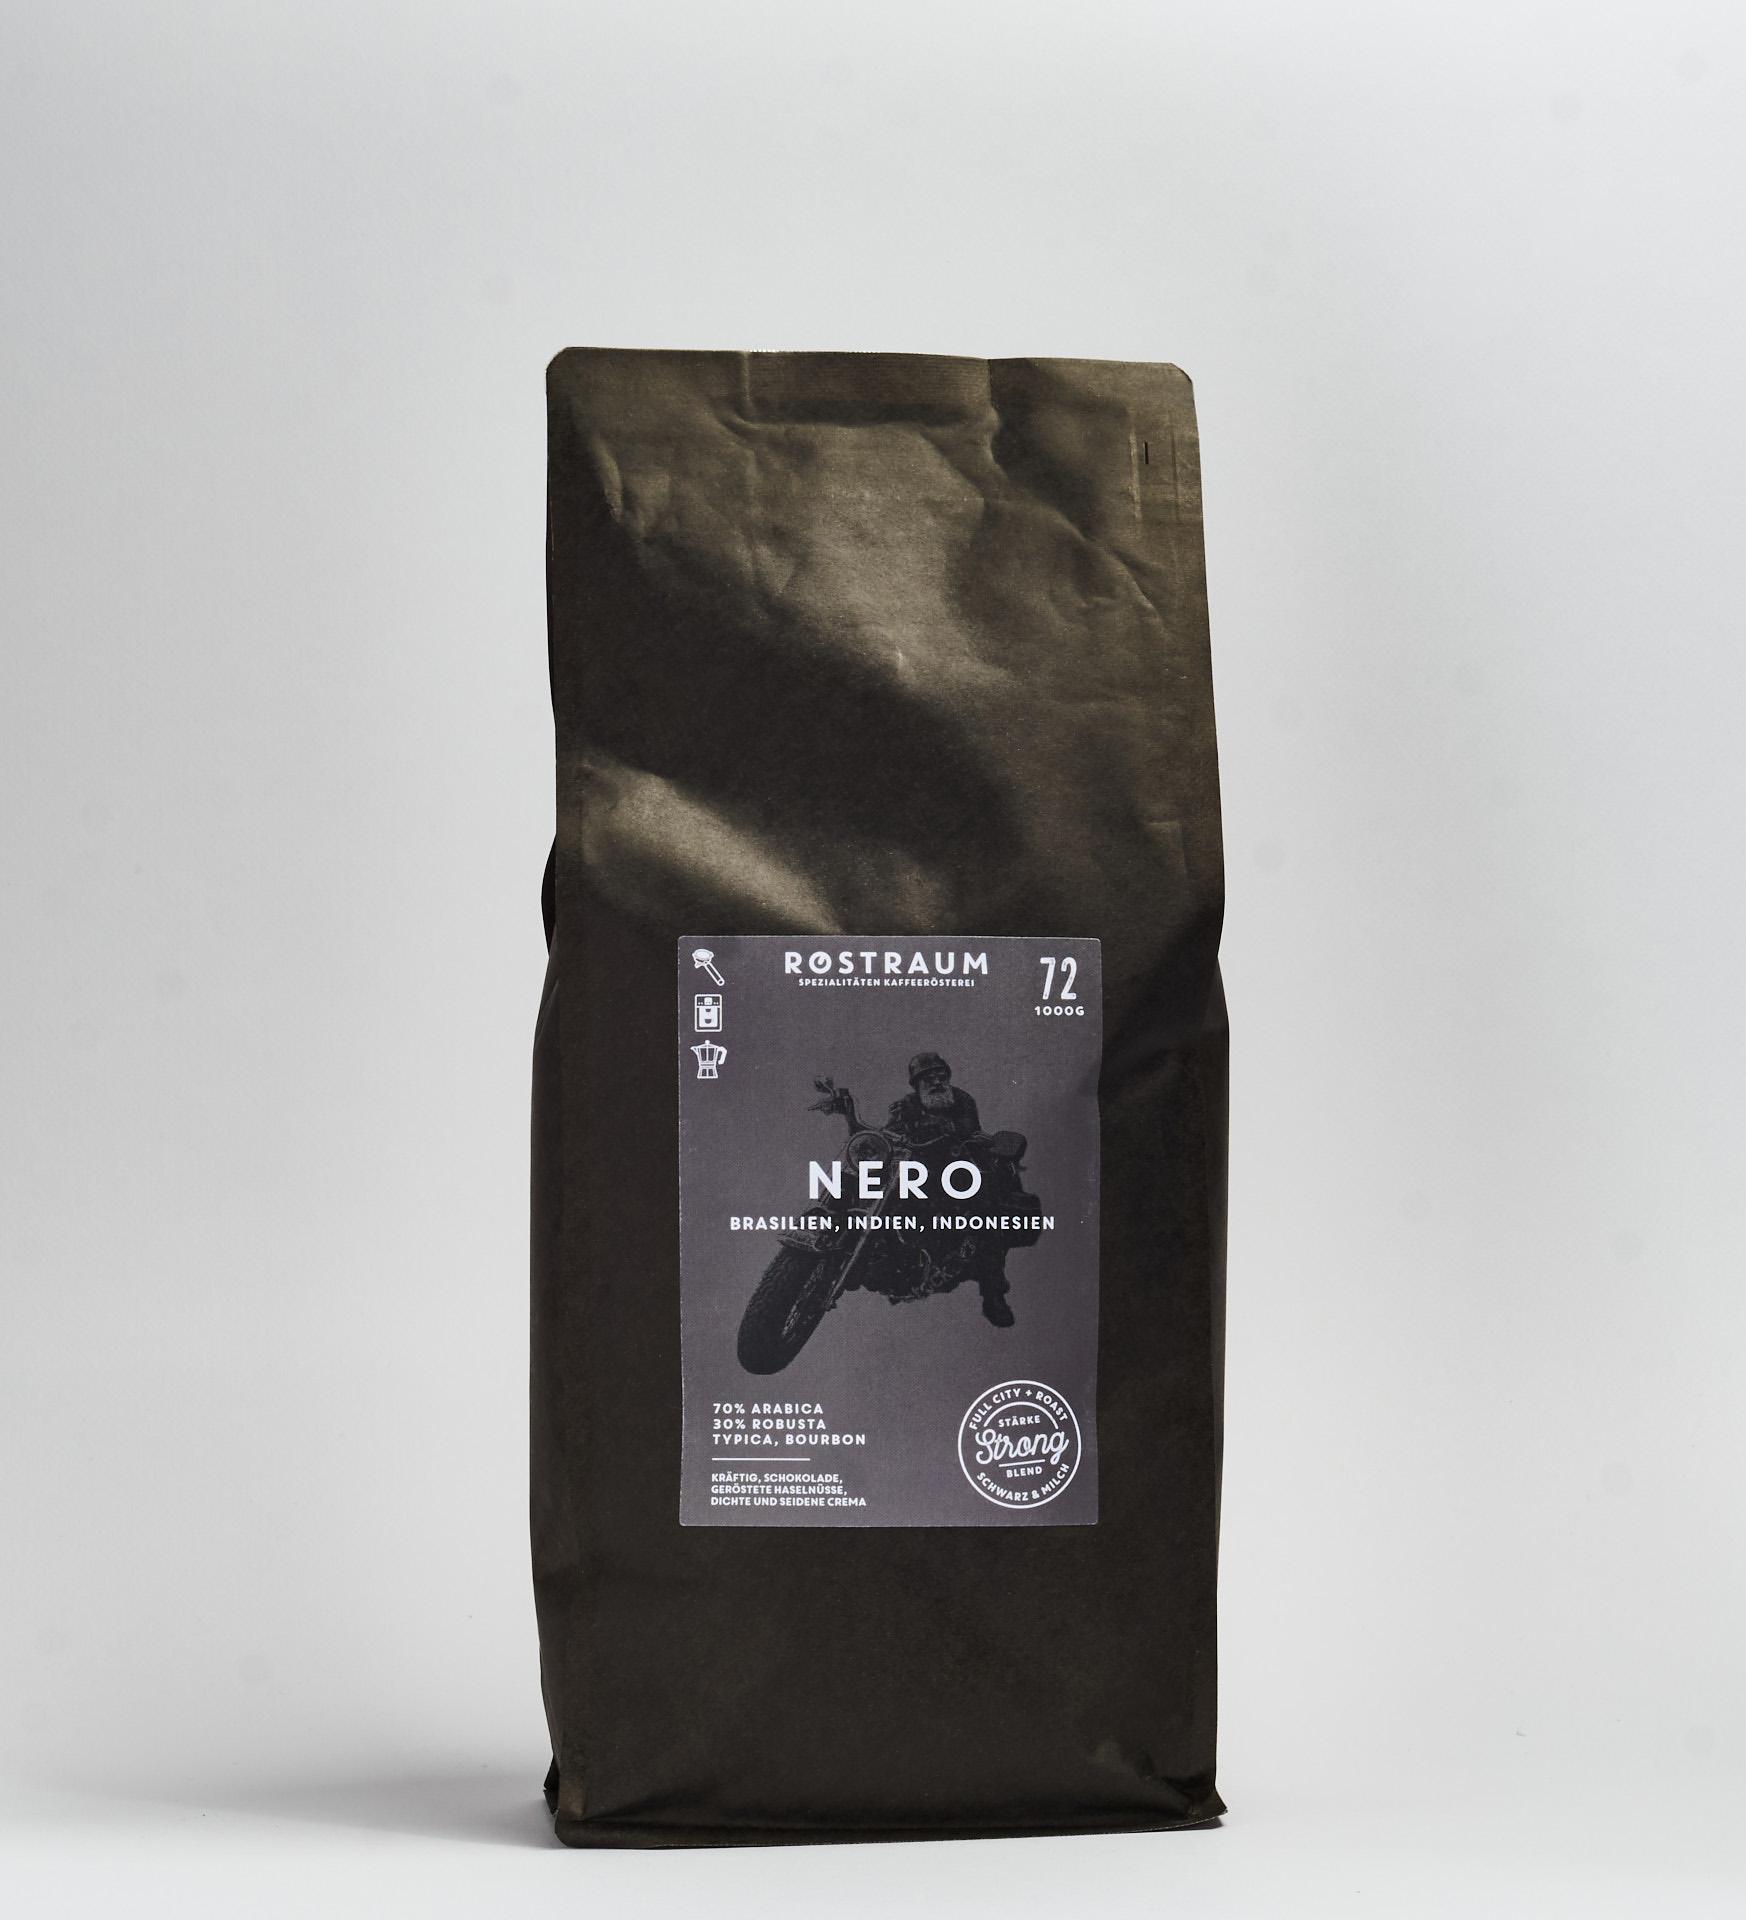 Nero-prev-1